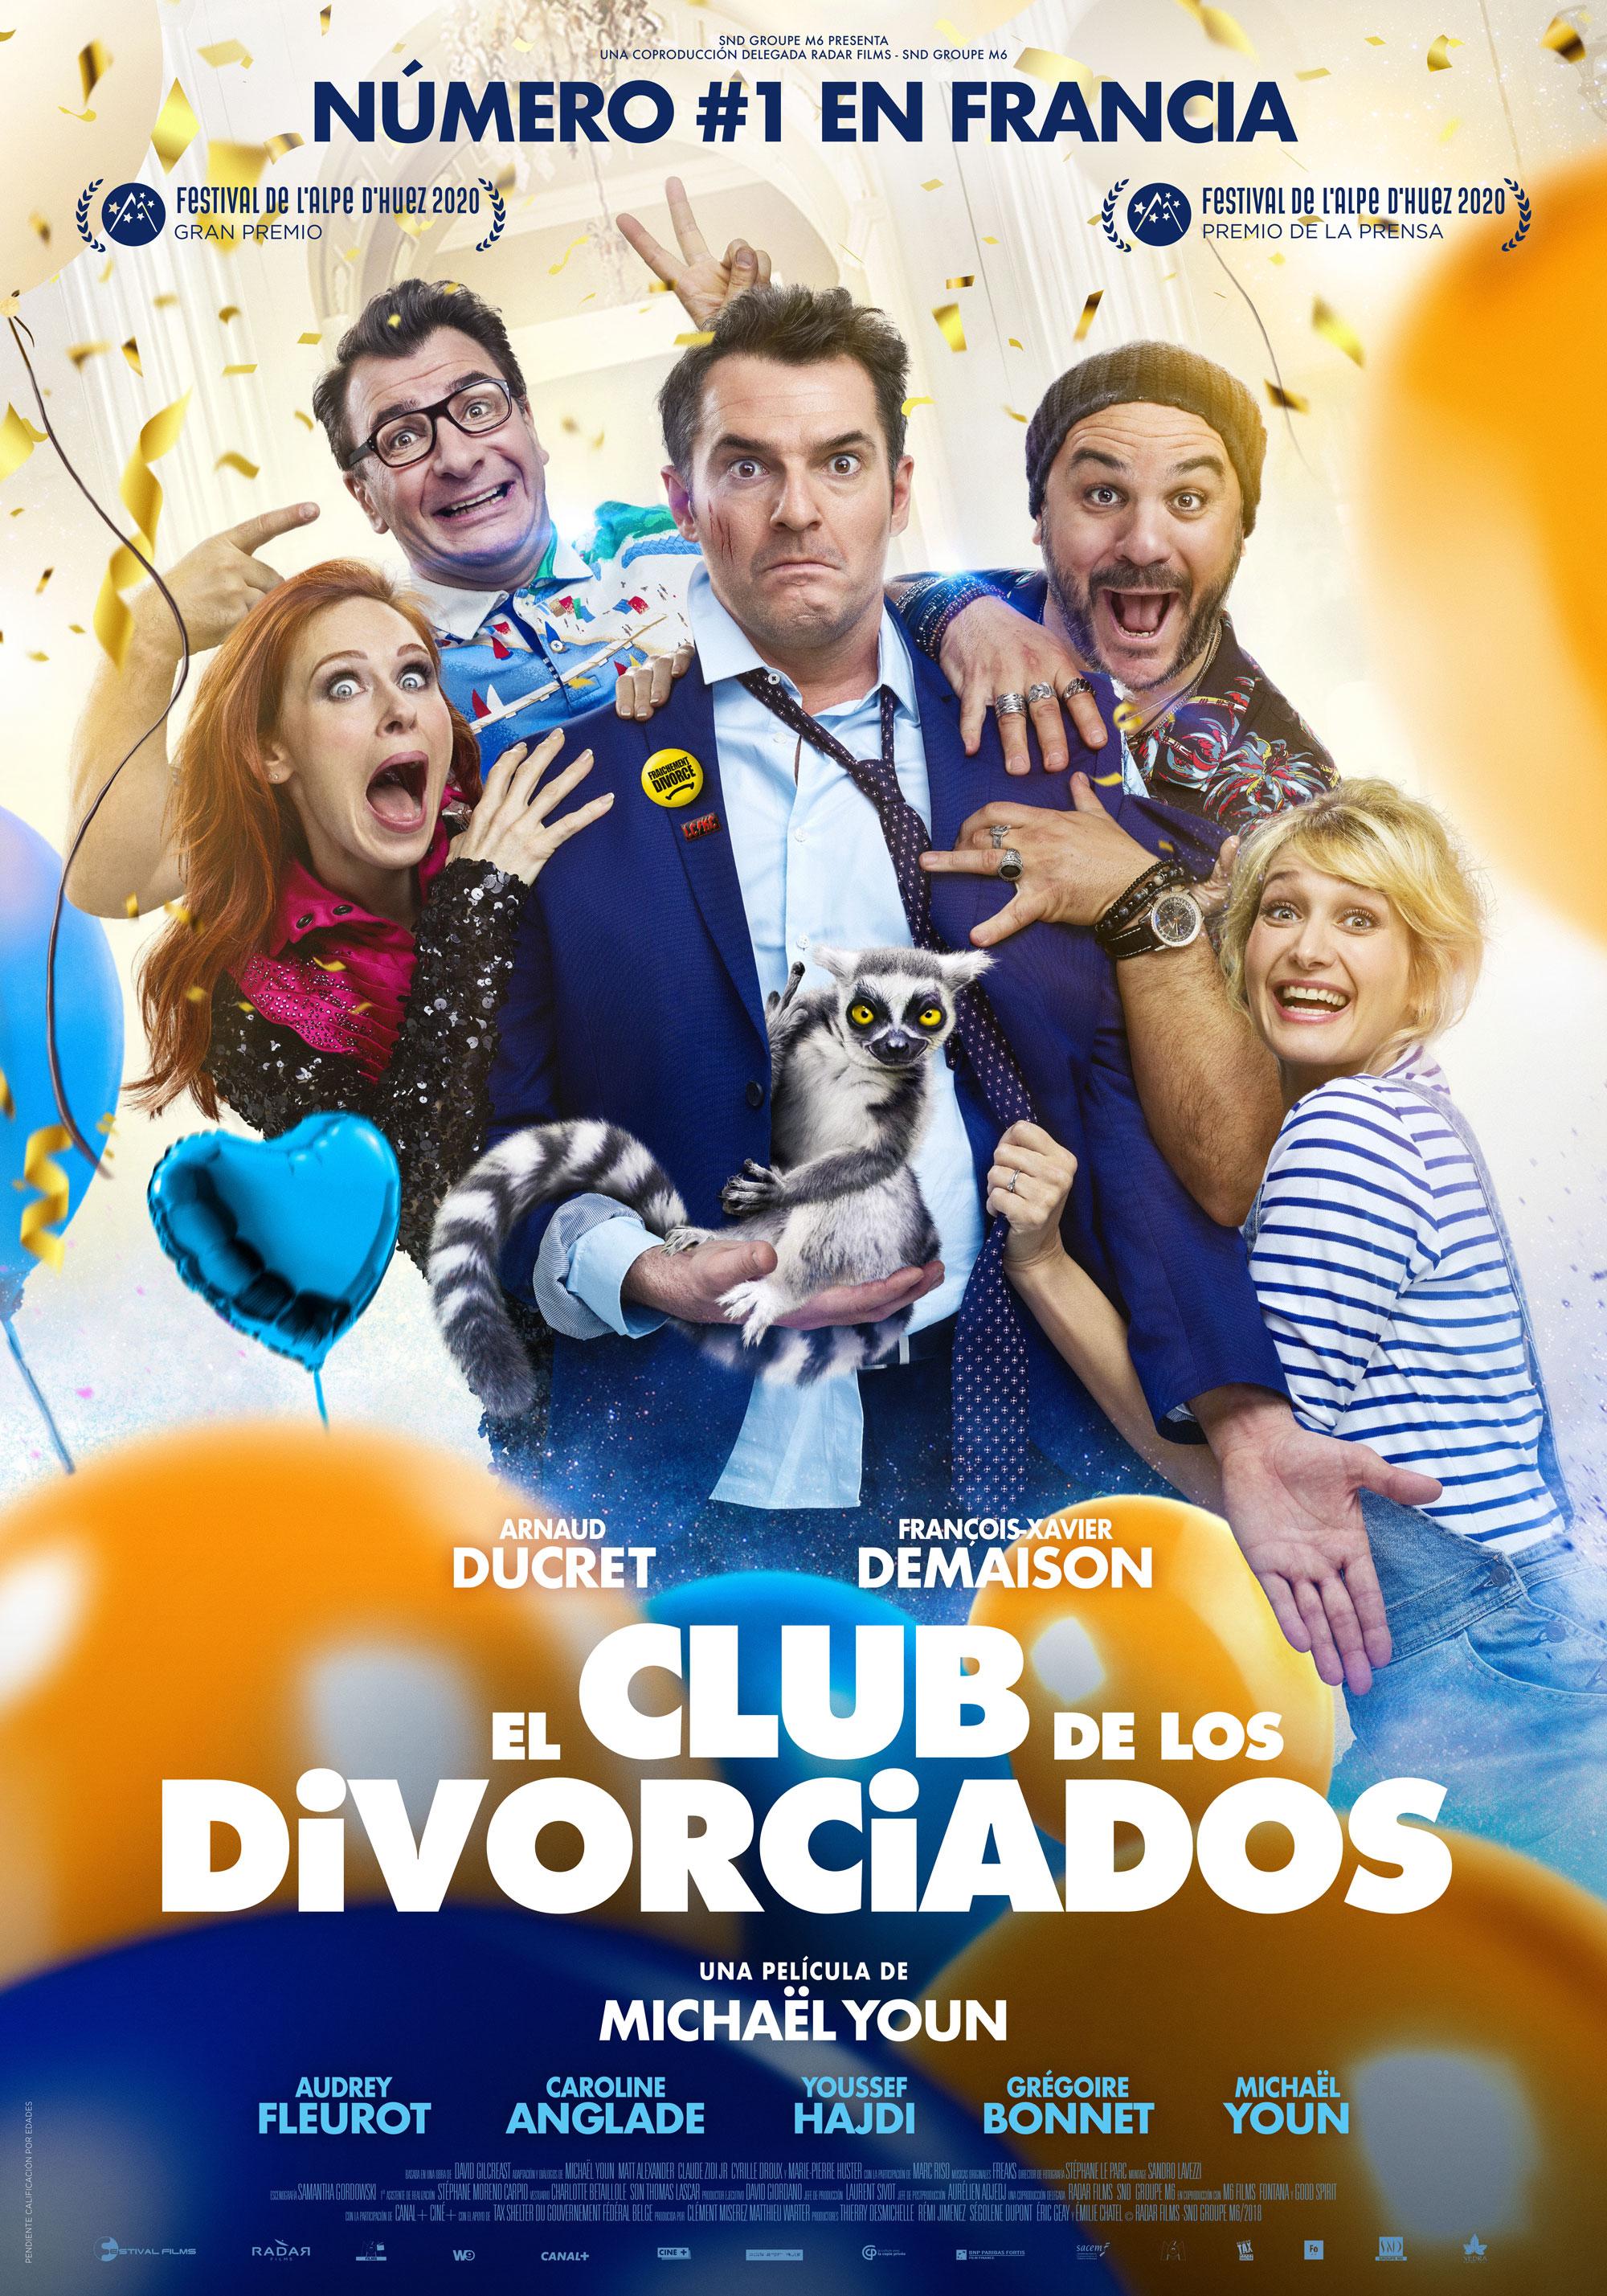 EL CLUB DE LOS DIVORCIADOS